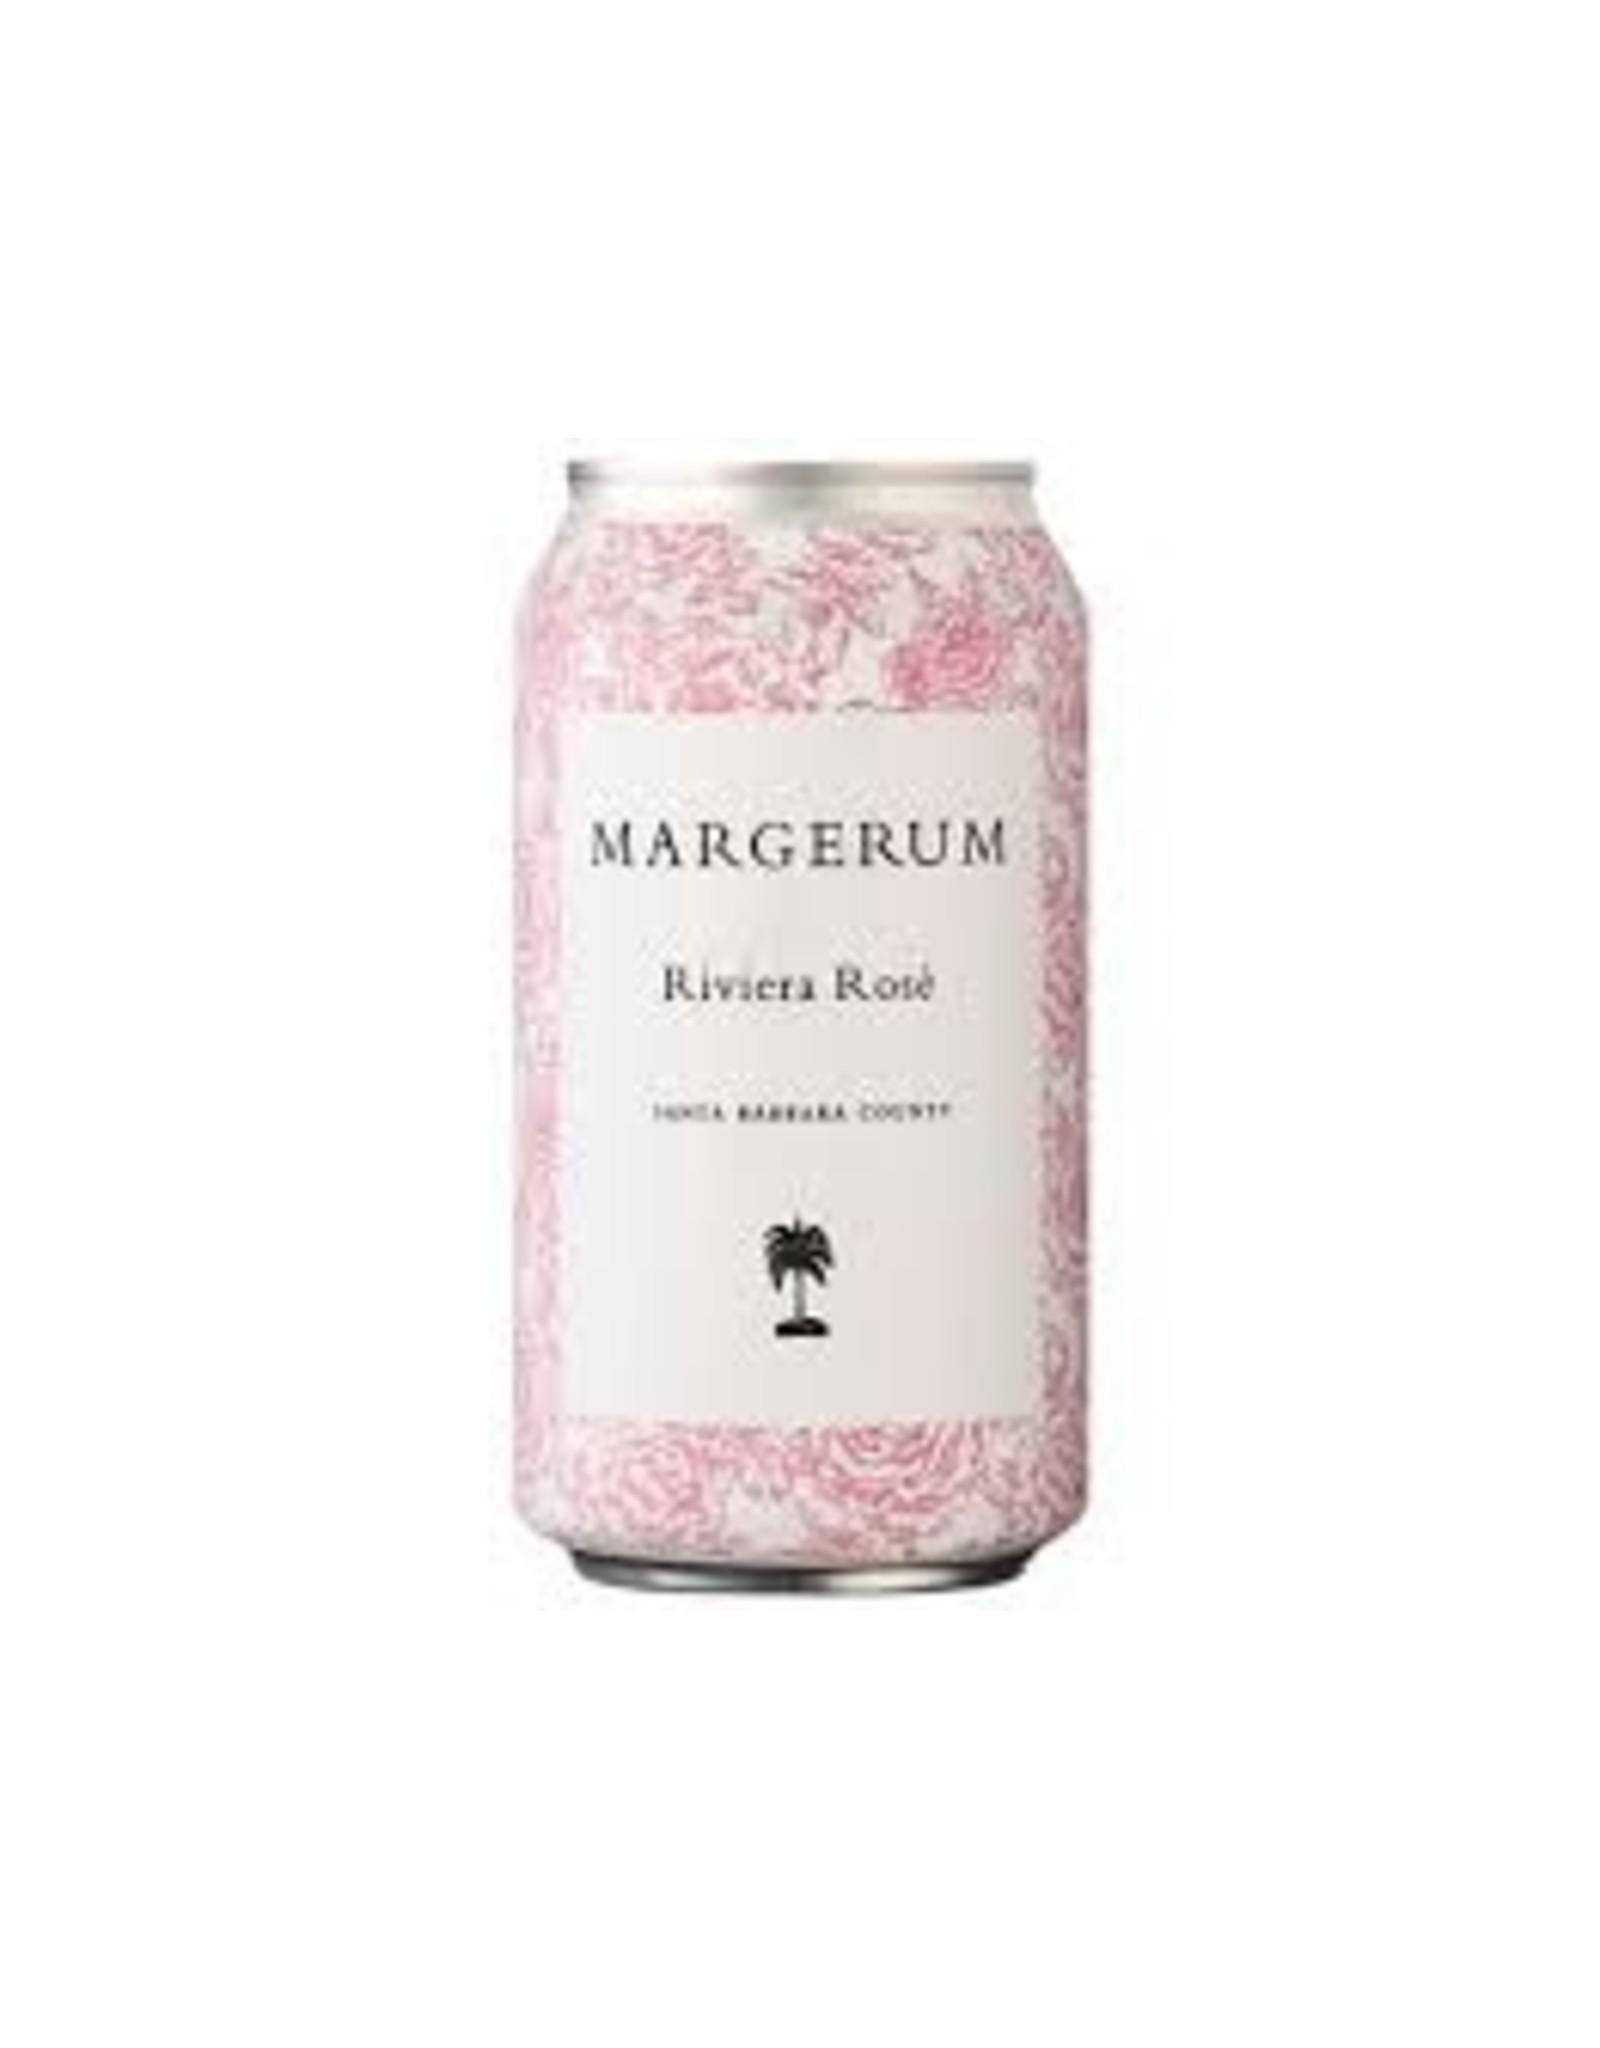 Margerum Rose